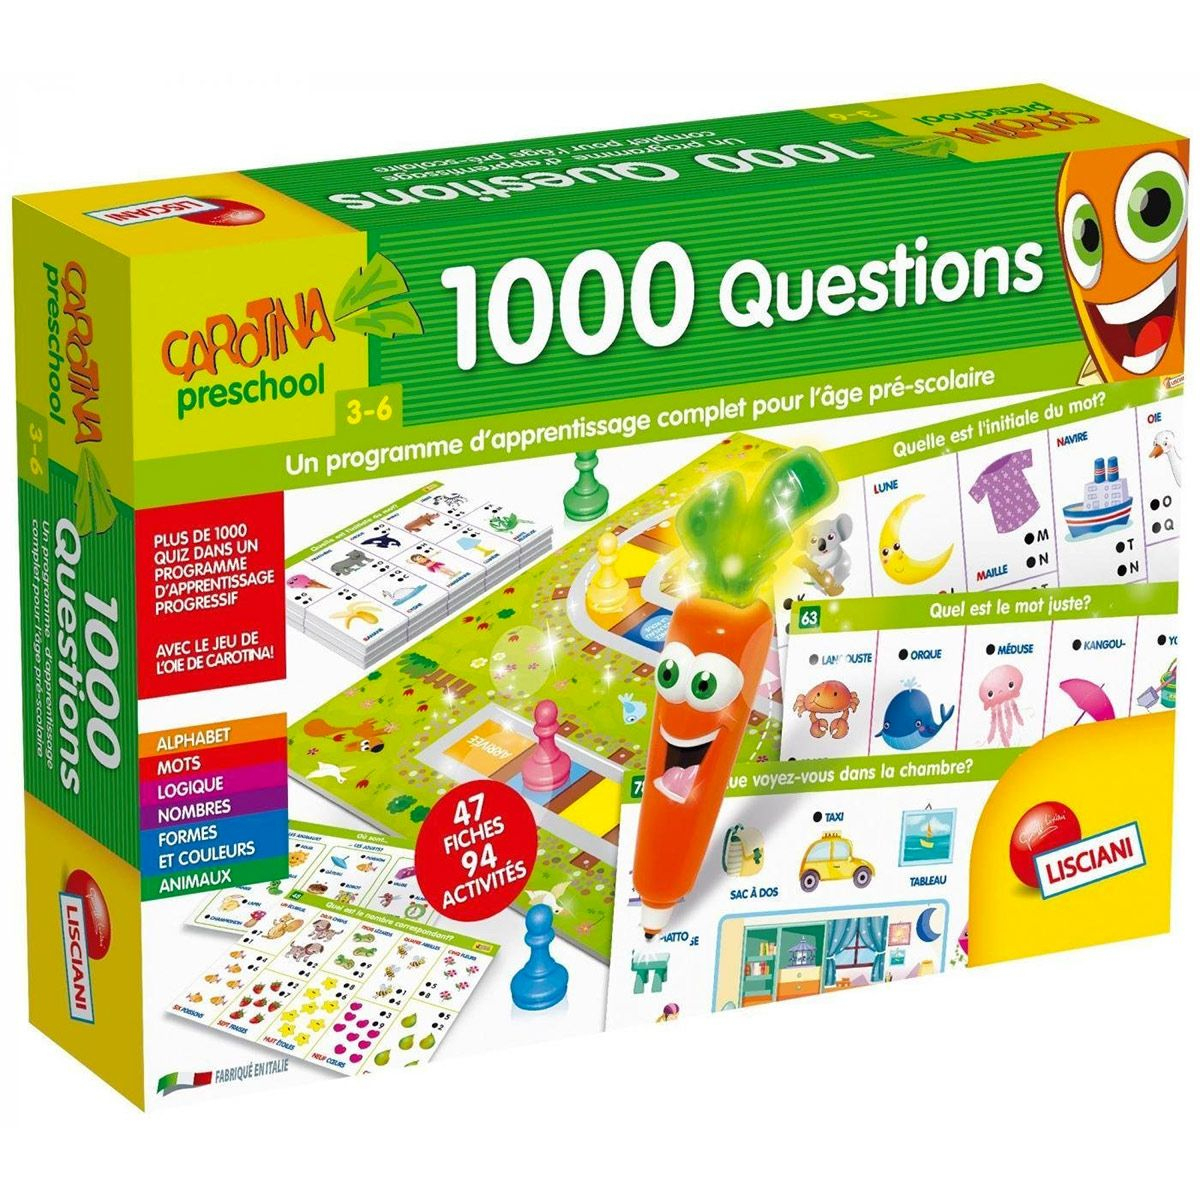 Jeu Éducatif 1000 Questions concernant Jeux Instructif Gratuit 5 Ans